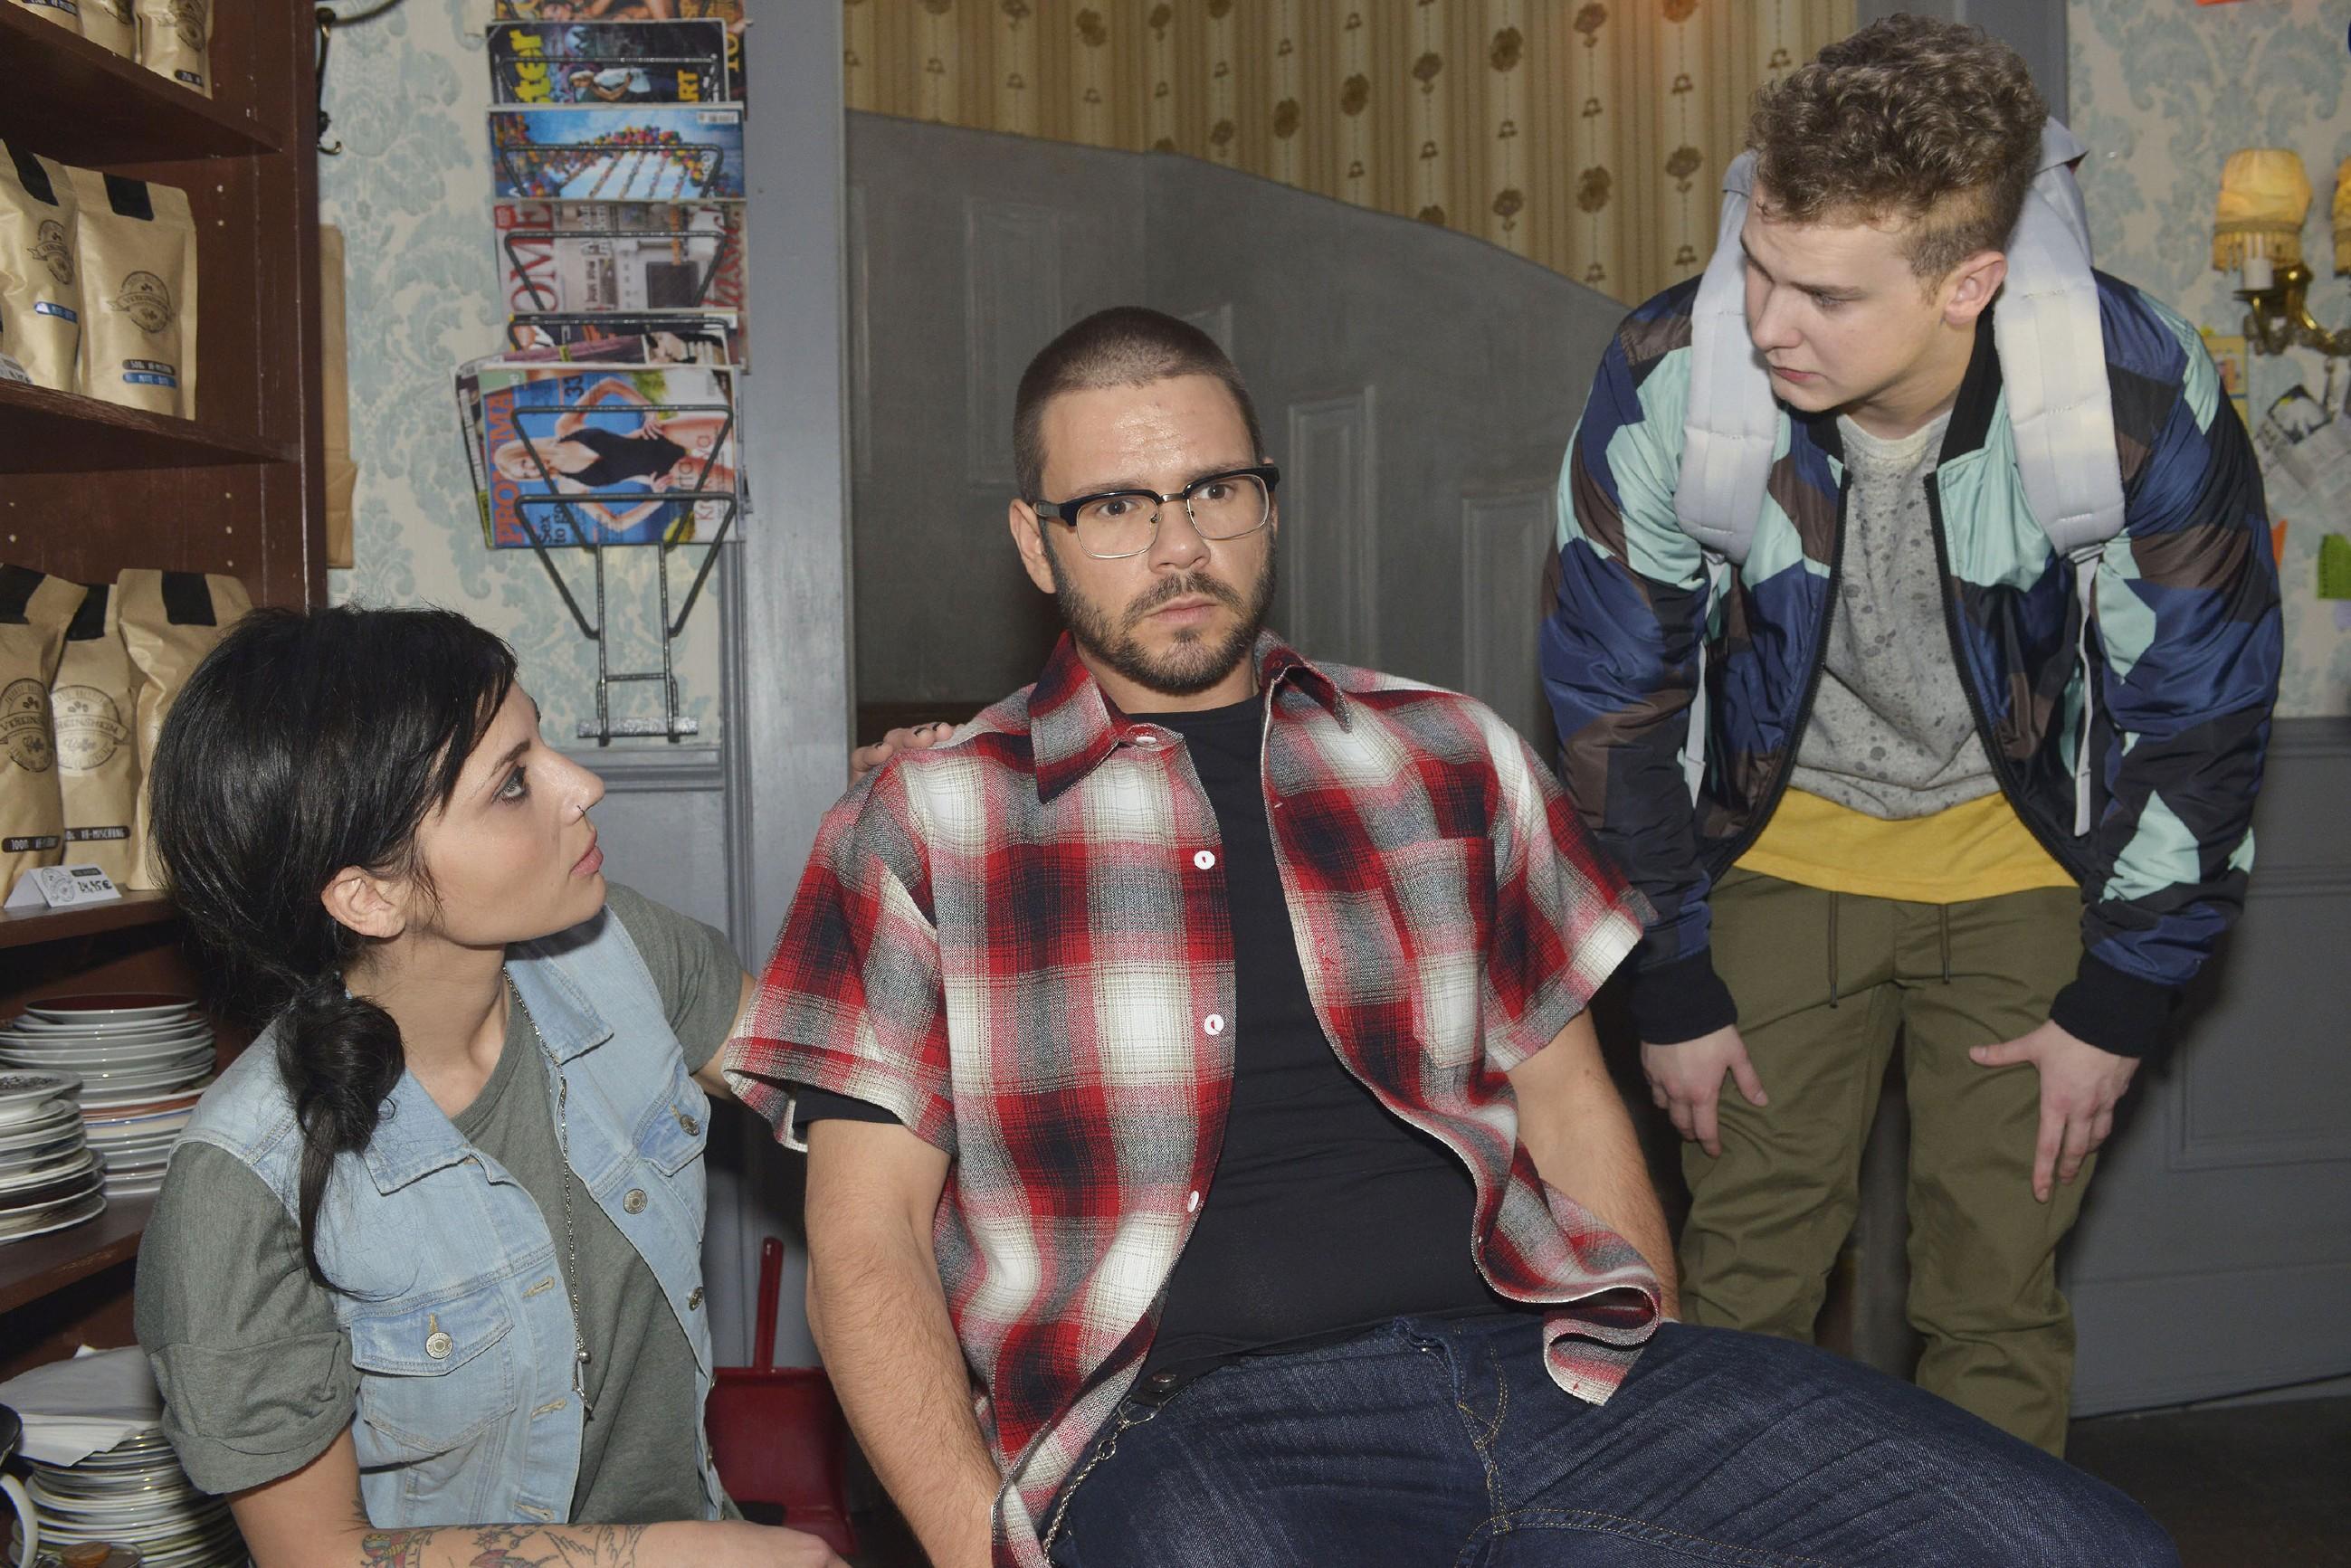 Anni (Linda Marlen Runge) und Jonas (Felix van Deventer, r.) packt die Angst, als es Tuner (Thomas Drechsel) plötzlich schlecht geht... (Quelle: RTL / Rolf Baumgartner)